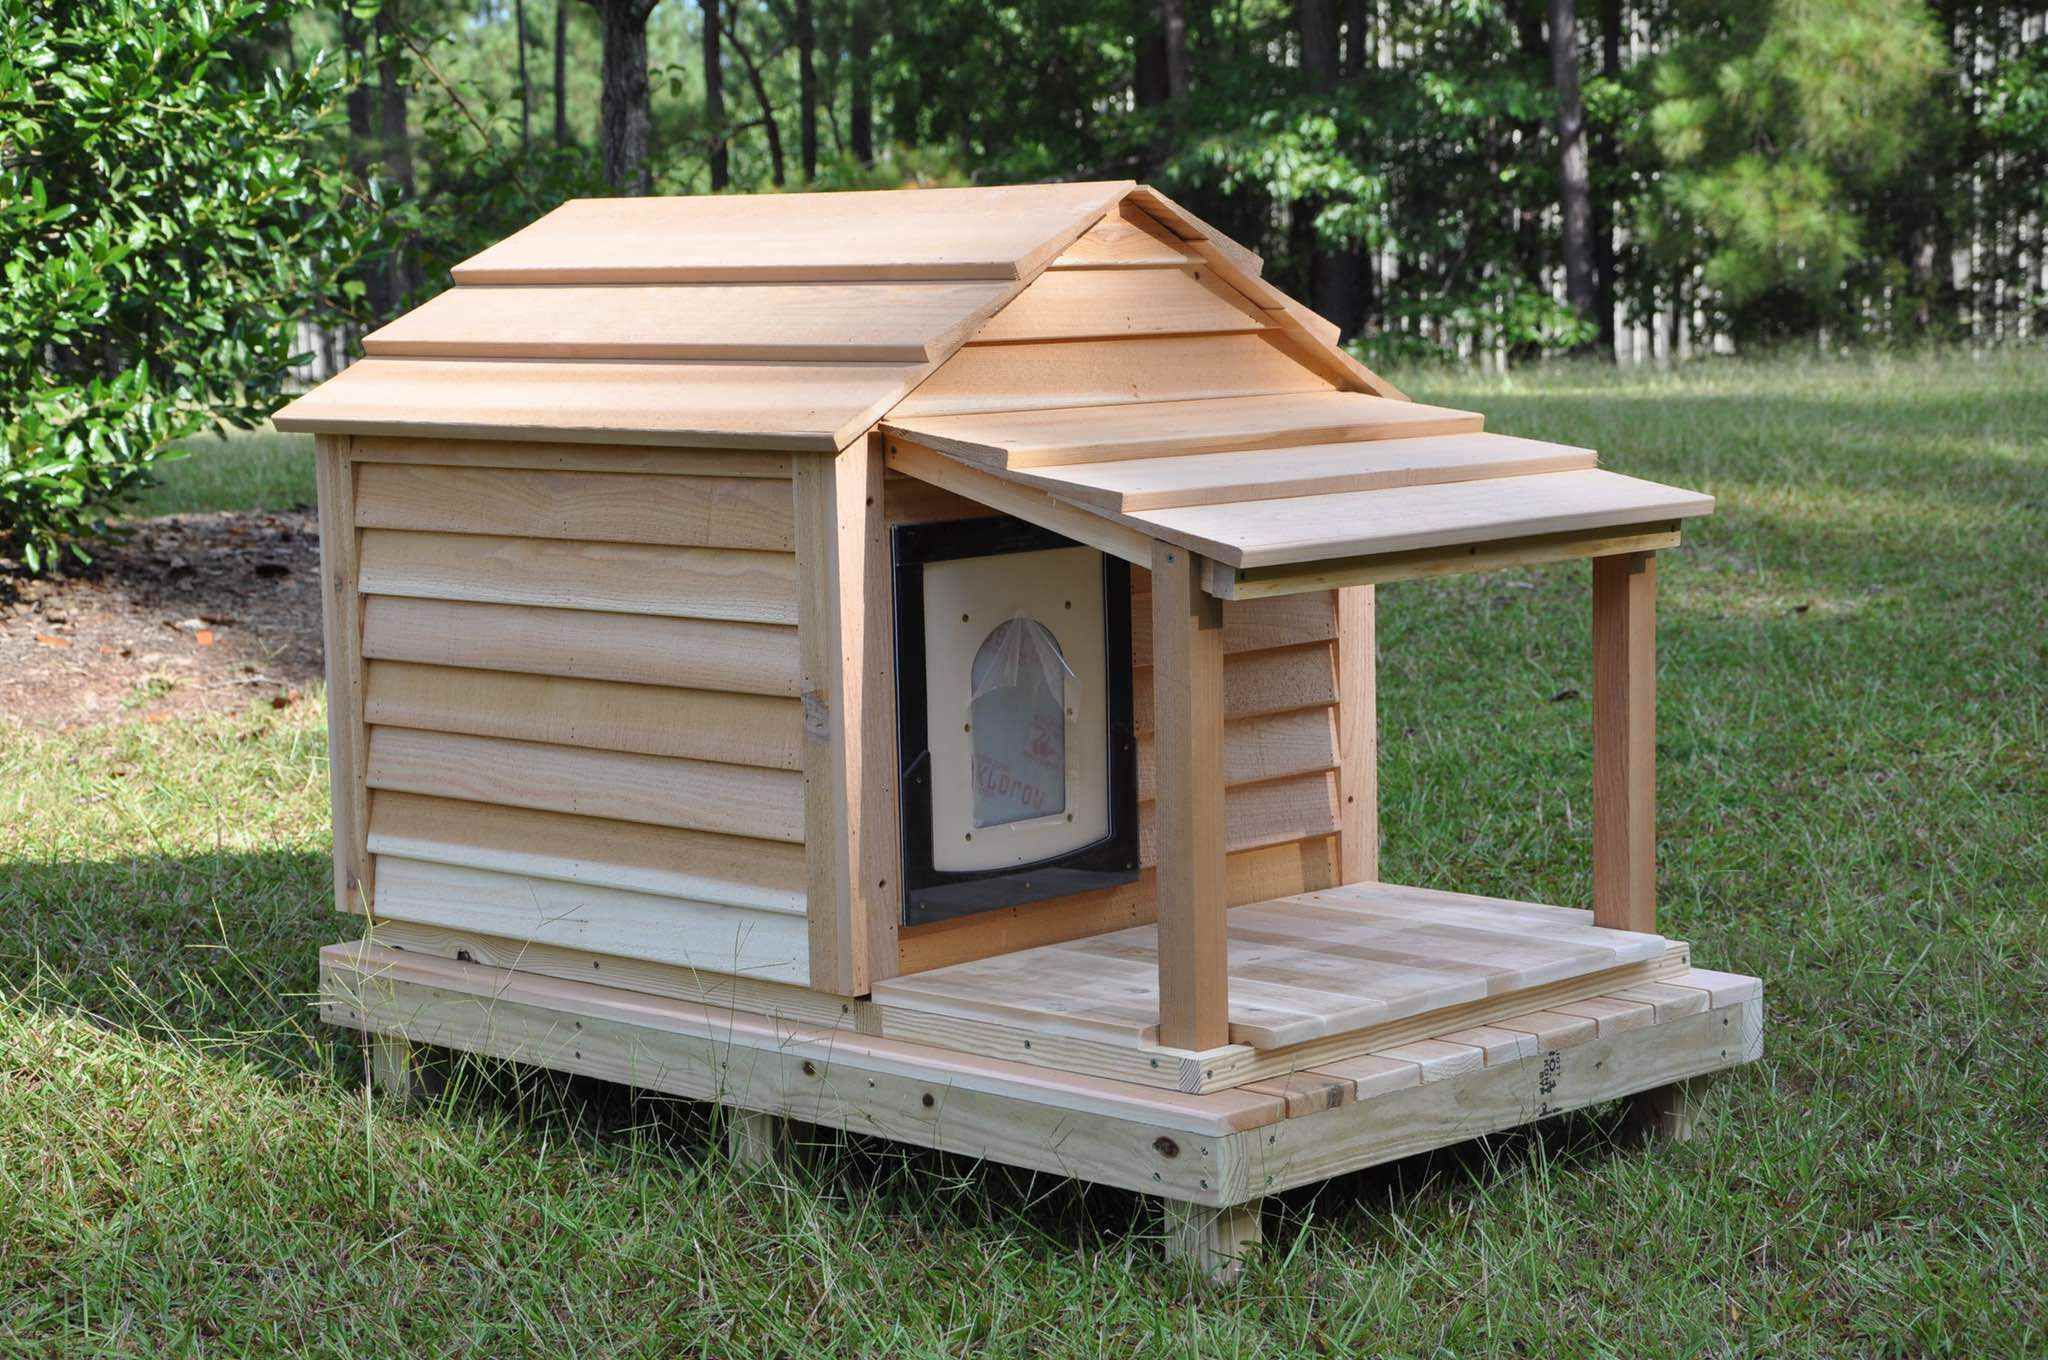 Medium Dog House Custom Cedar Dog House Outdoor Dog House Dog House Diy Outdoor Dog